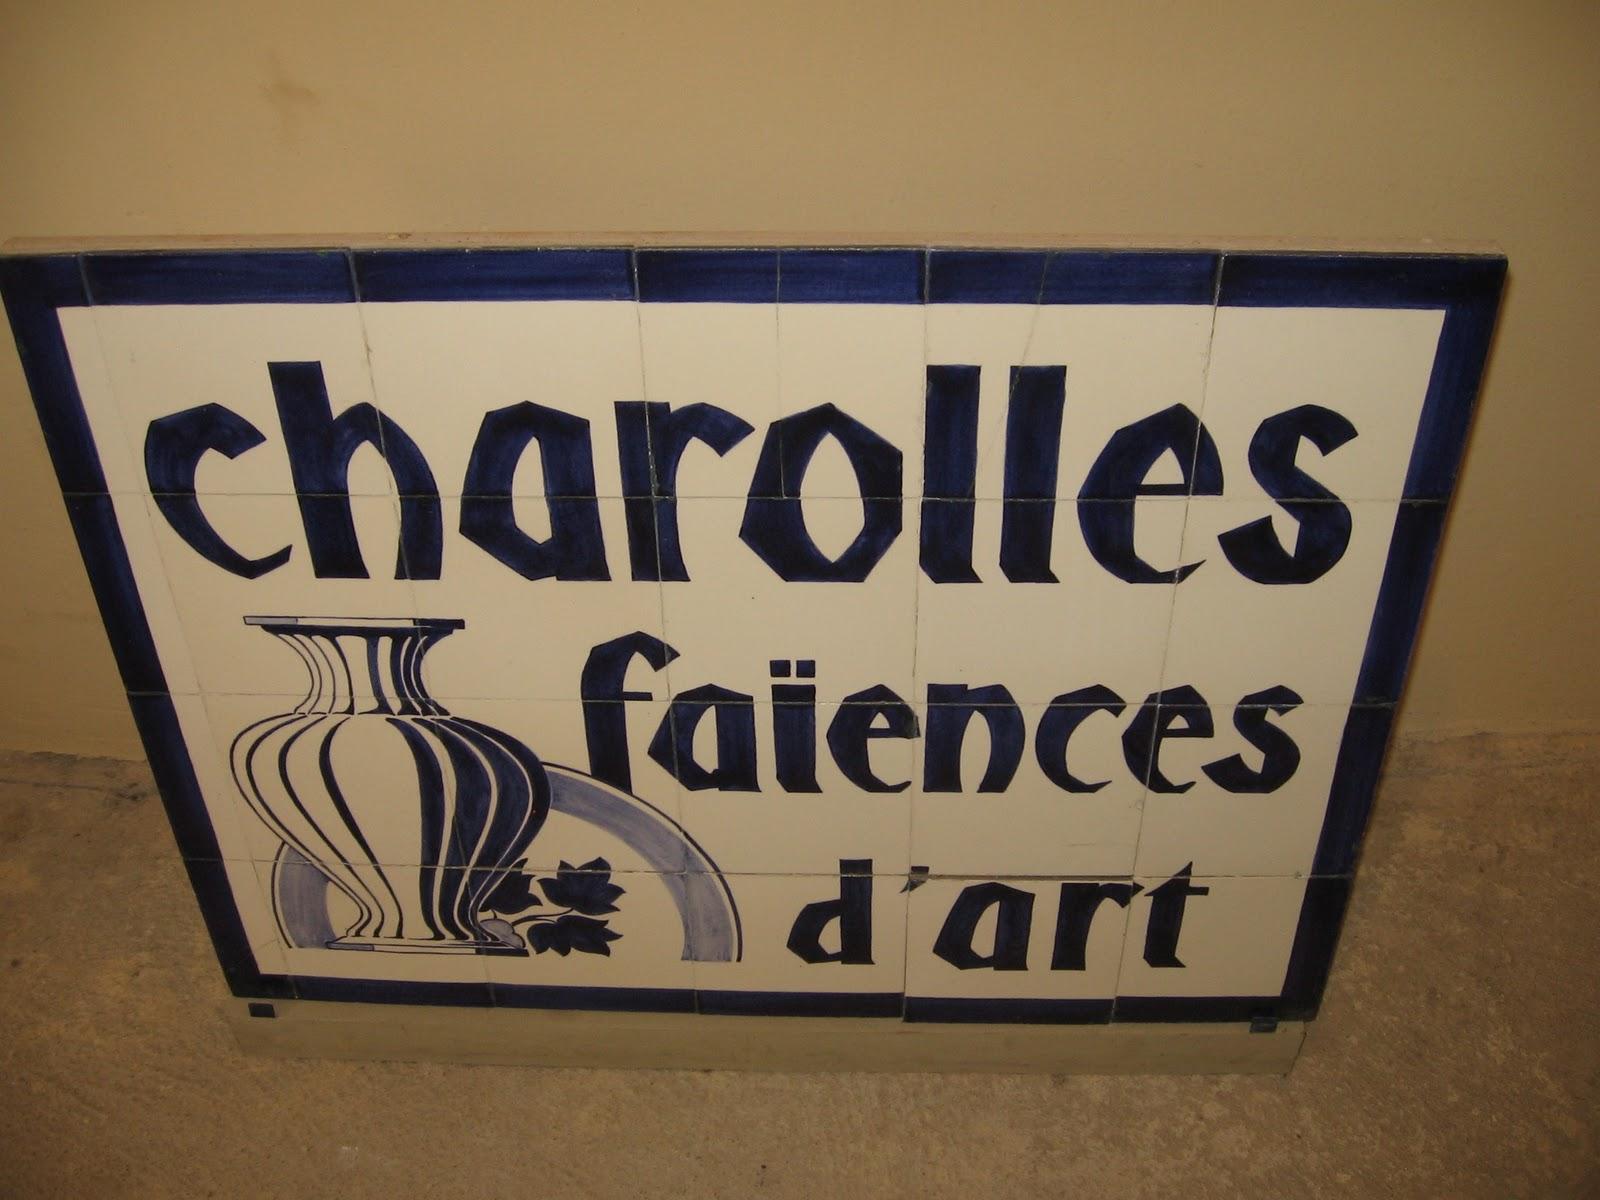 La vie est une rhapsodie: LA FAIENCERIE de CHAROLLES